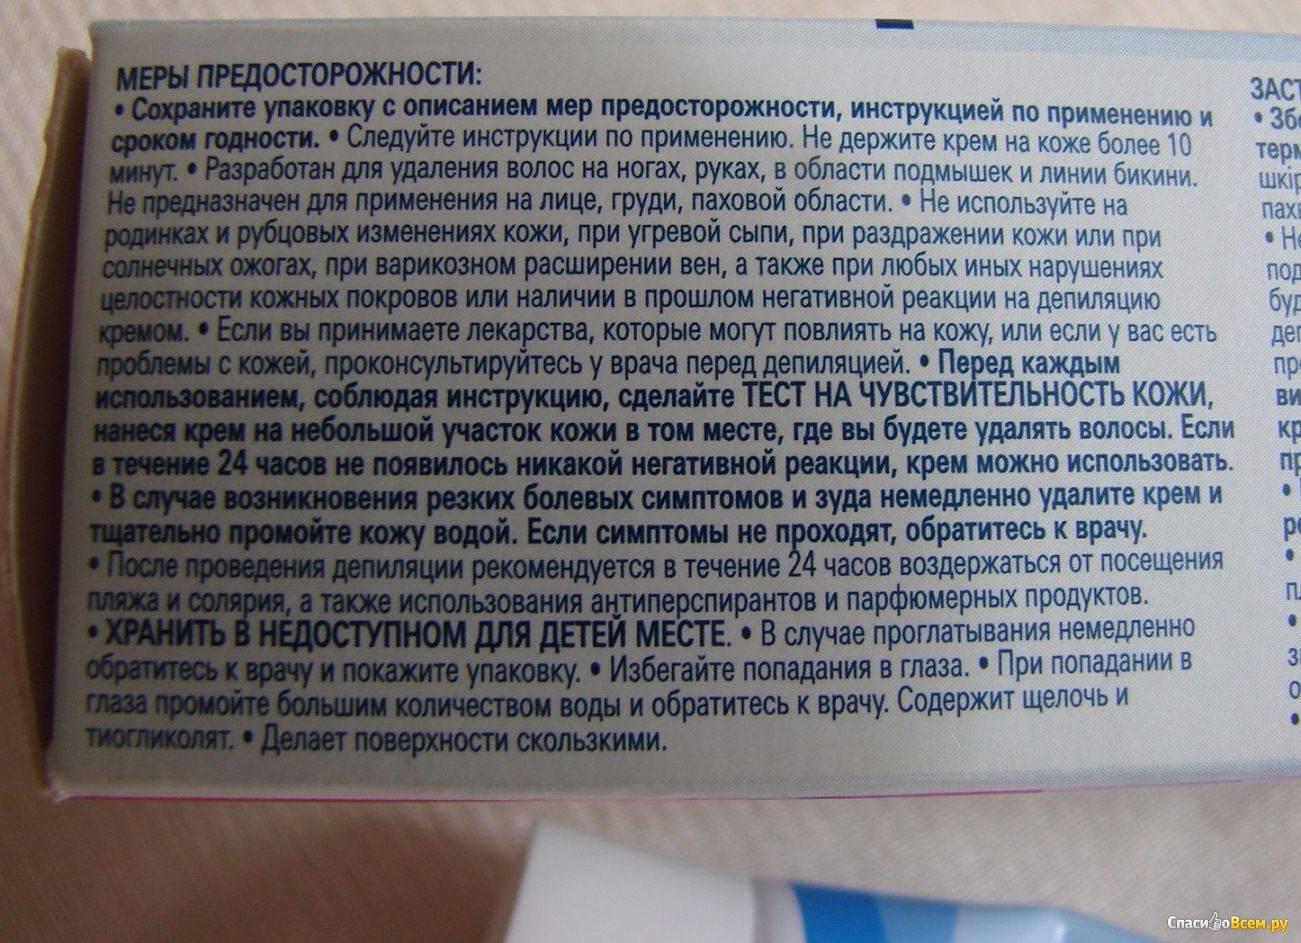 Что представляет собой препарат «клирвин»? отзывы потребителей, описание состава и свойств крема от растяжек